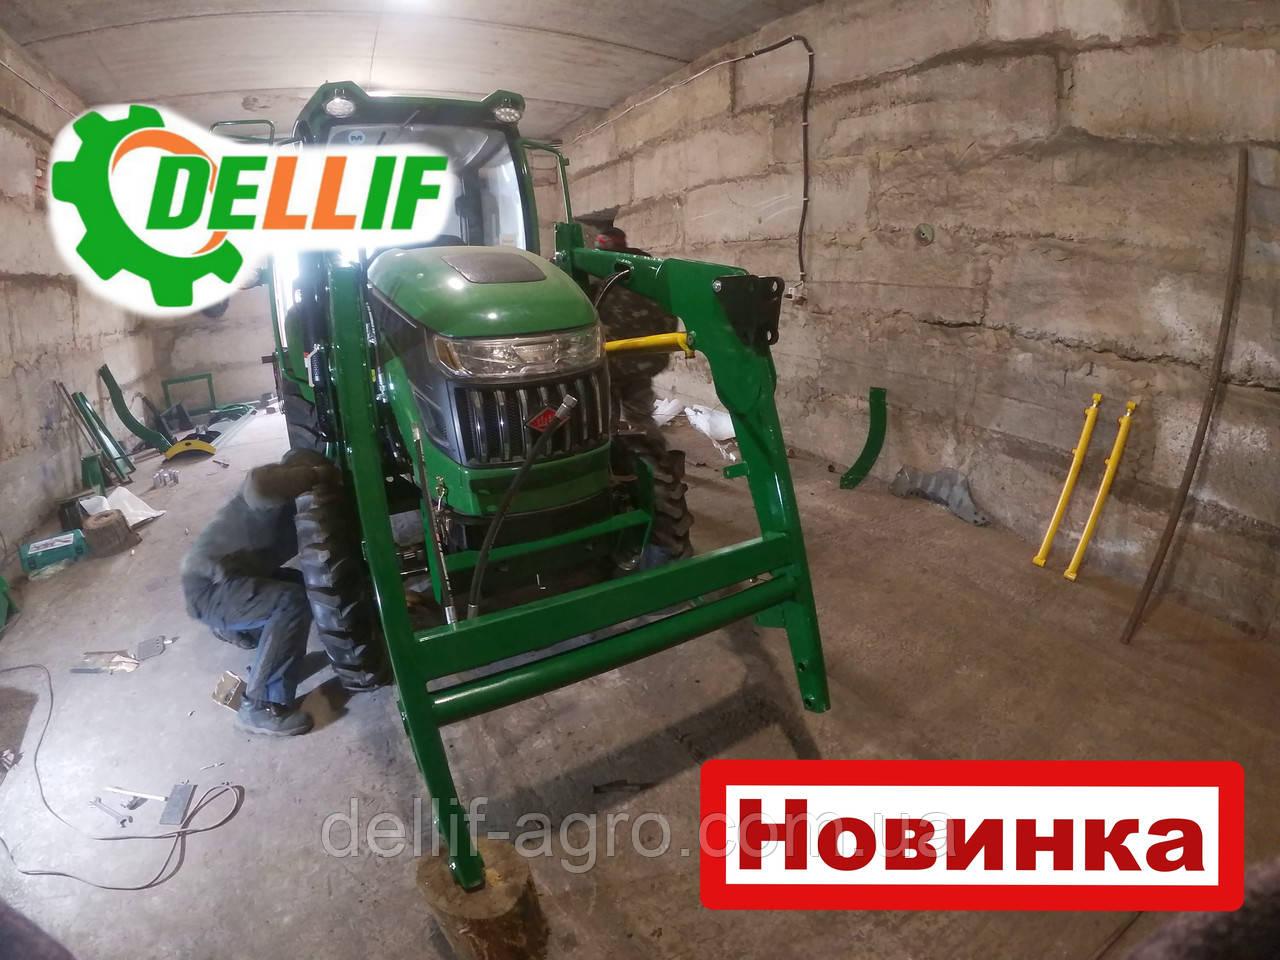 Мини погрузчик Dellif Baby 500 на мини трактор Kata Ke 454 без навески с джойстиком